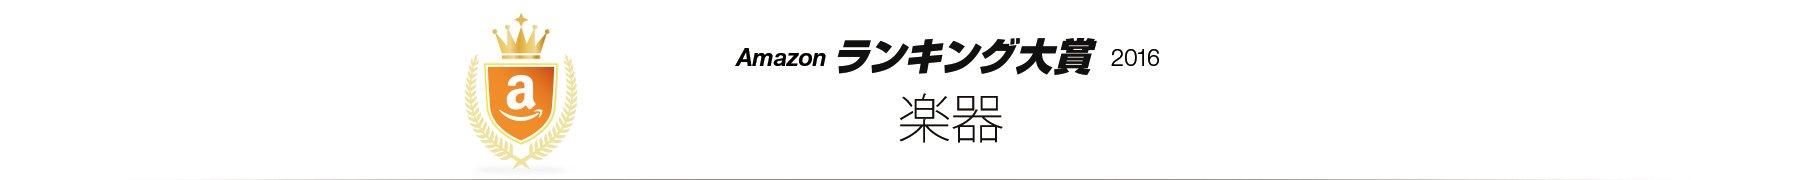 Amazonランキング大賞2016楽器